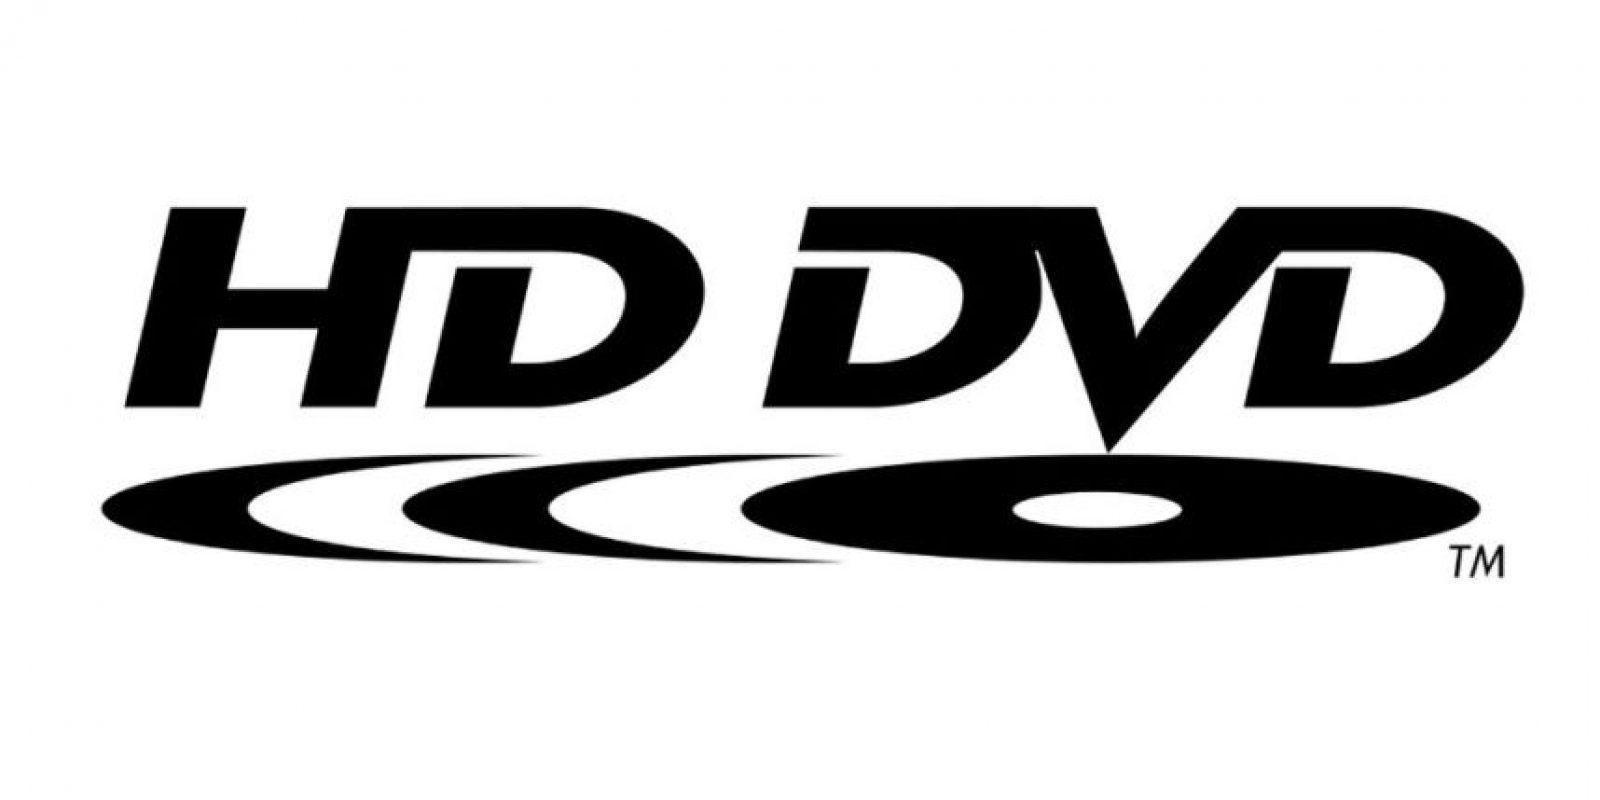 Al inicio de la década de los 2000 Toshiba apostó por llevar la alta definición a los DVD, sin embargo solo duraría 8 años este experimento que ha muerto para siempre después de la llegada de los formatos BluRay Foto:Toshiba